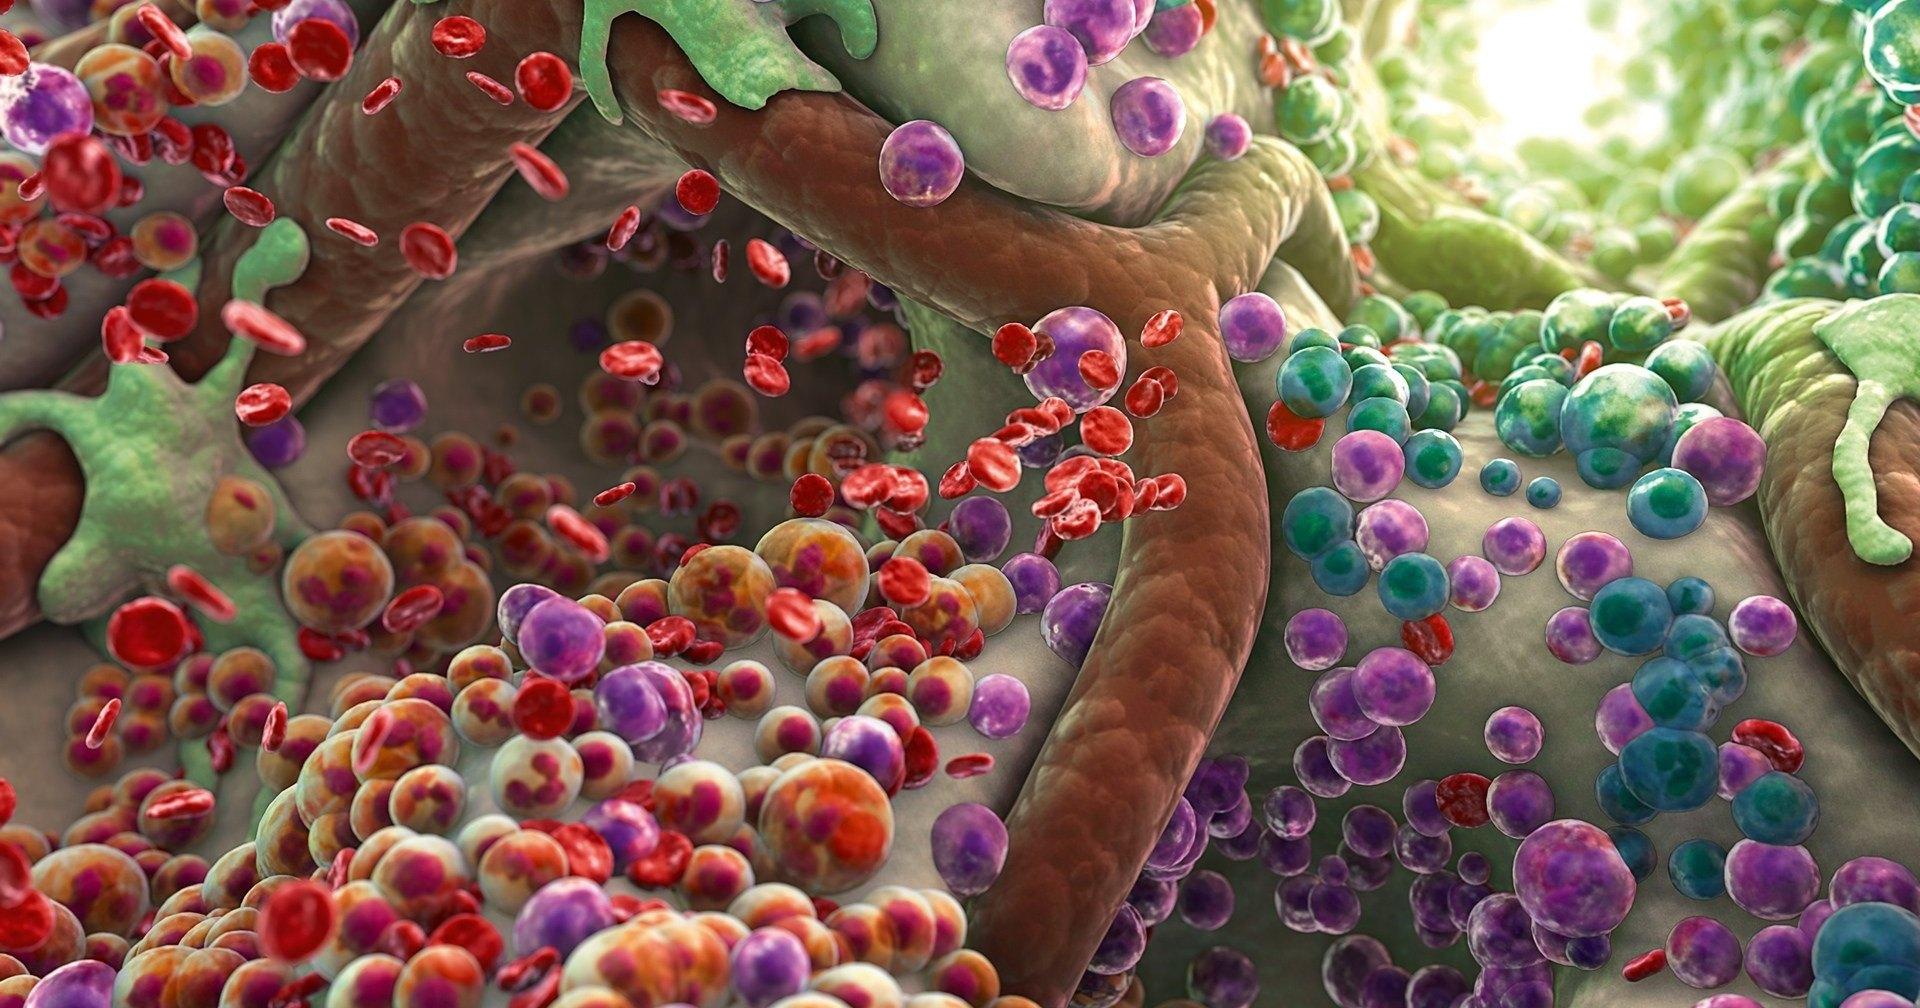 Ученые создали искусственные клетки для борьбы с раком: революция в онкологии